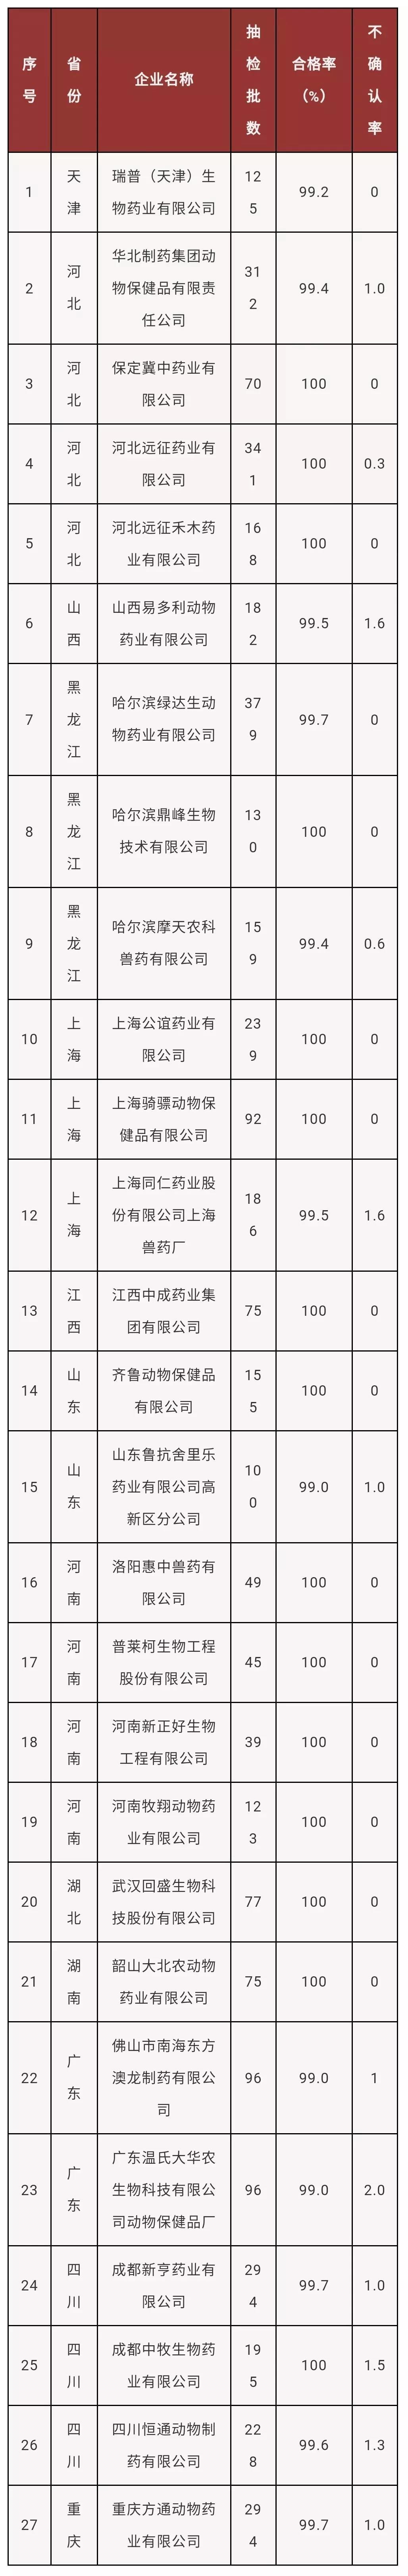 农业部公布兽药红榜!27家企业榜上有名!